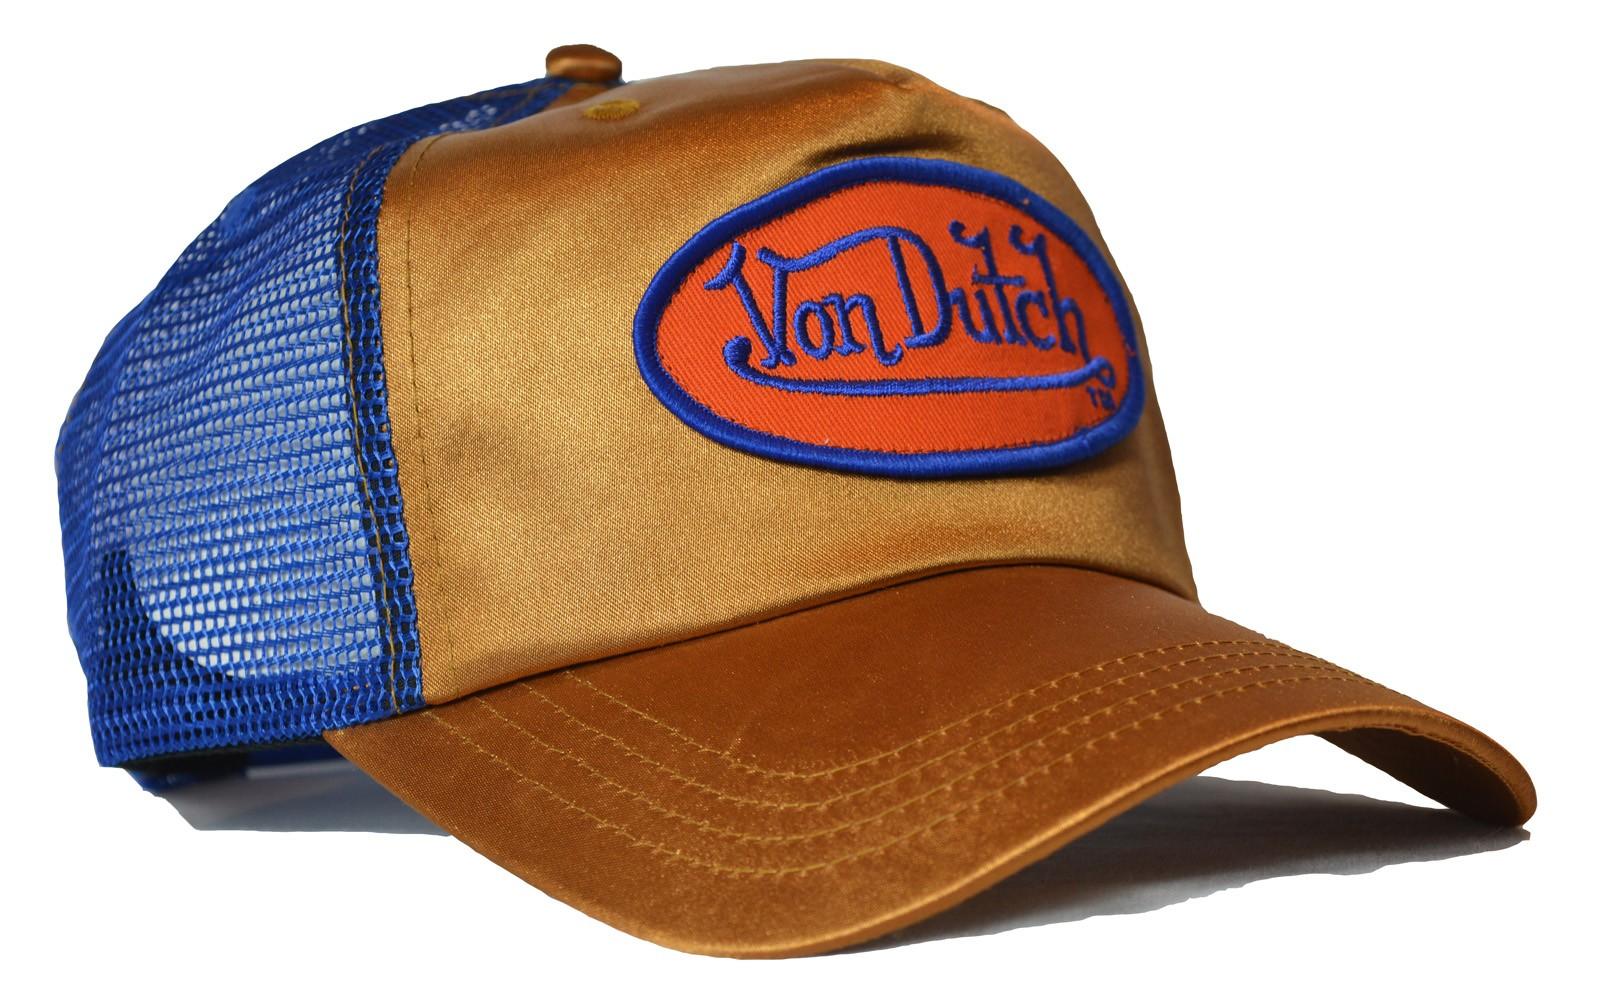 Von Dutch - Metallic Gold/Blue Trucker Cap